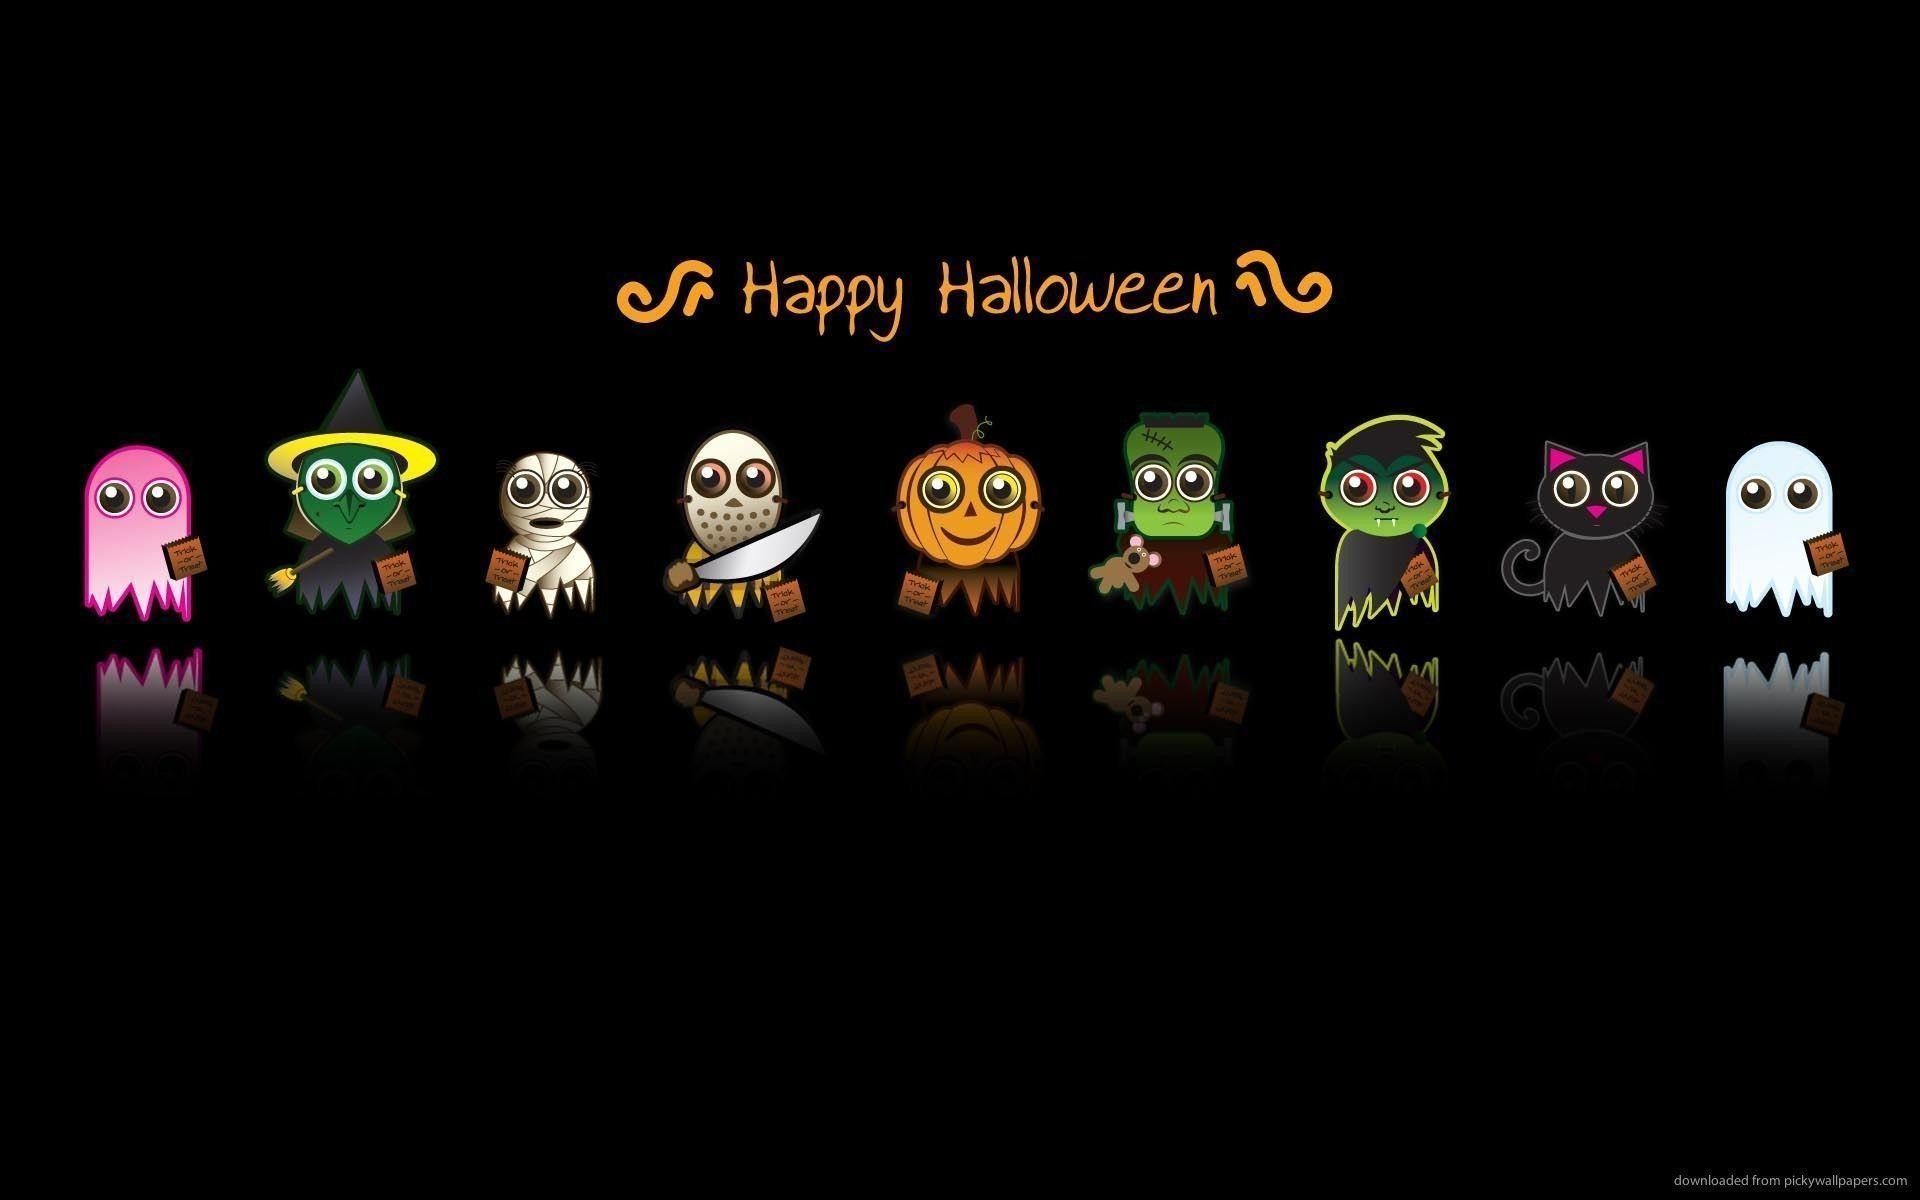 Cute Halloween Desktop Backgrounds 63 images 1920x1200